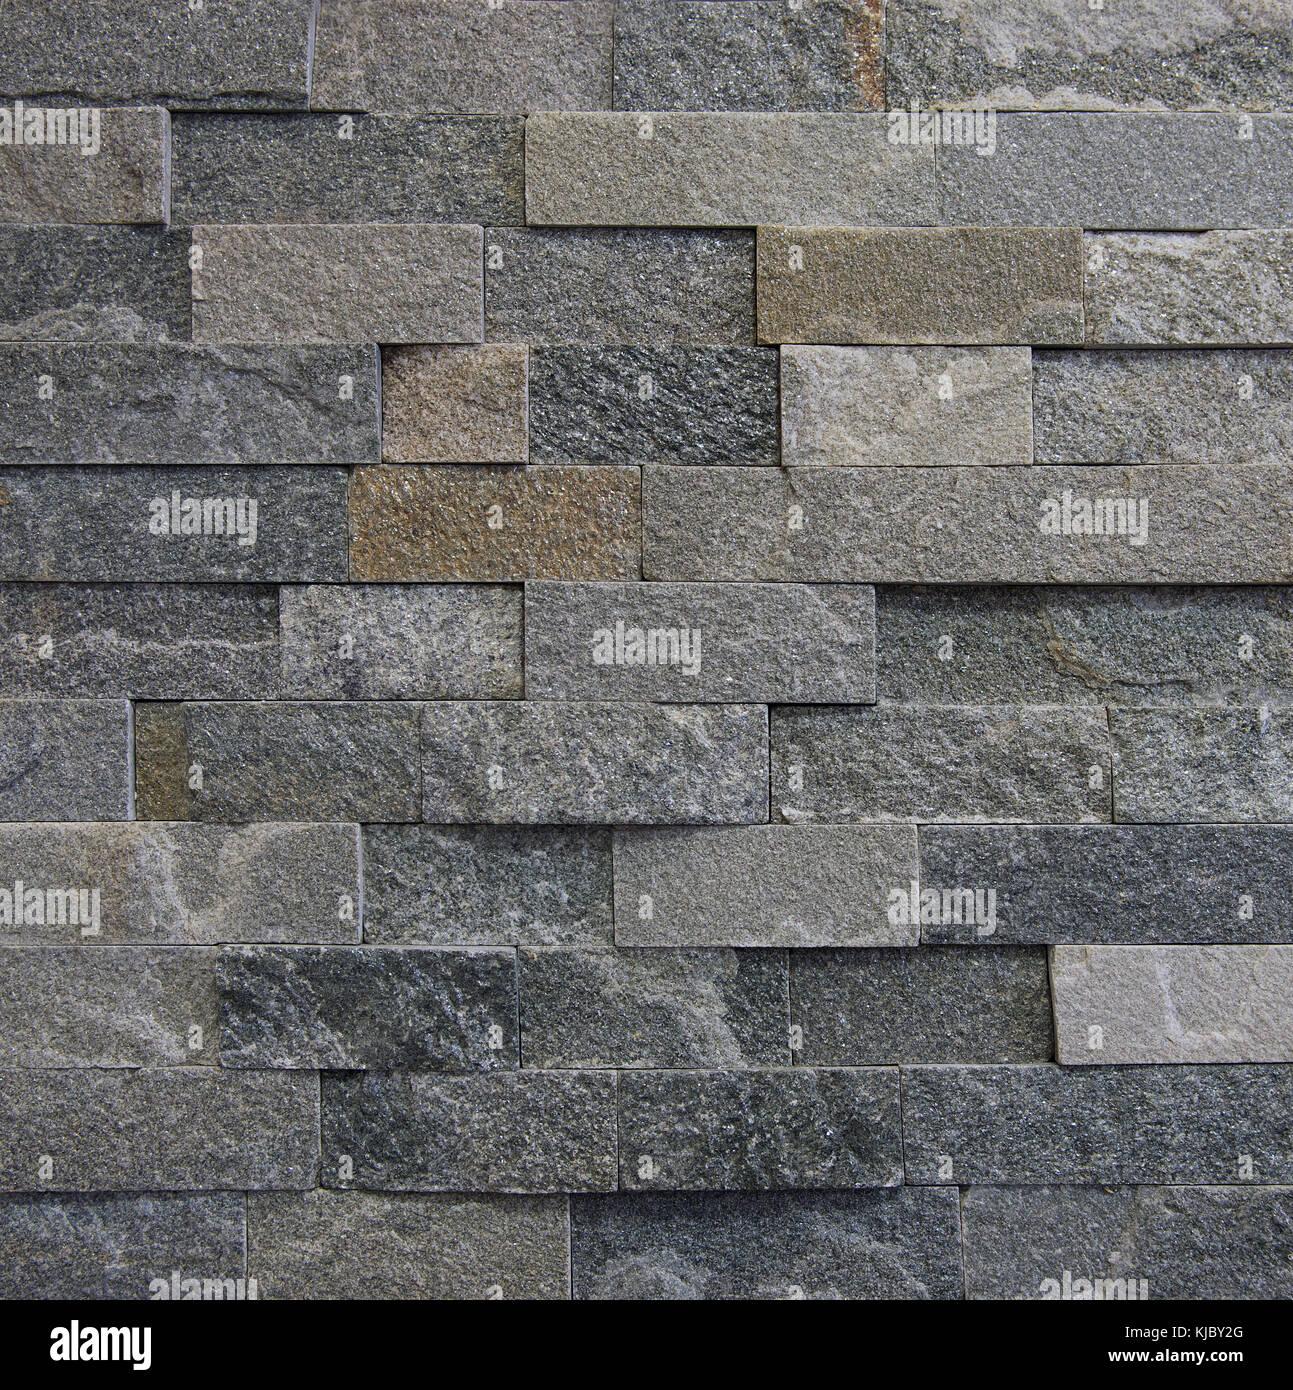 Amazing la pietra naturale brick parete in pietra texture marmo texture di mattoni decorativi - Piastrelle da parete pietra ...